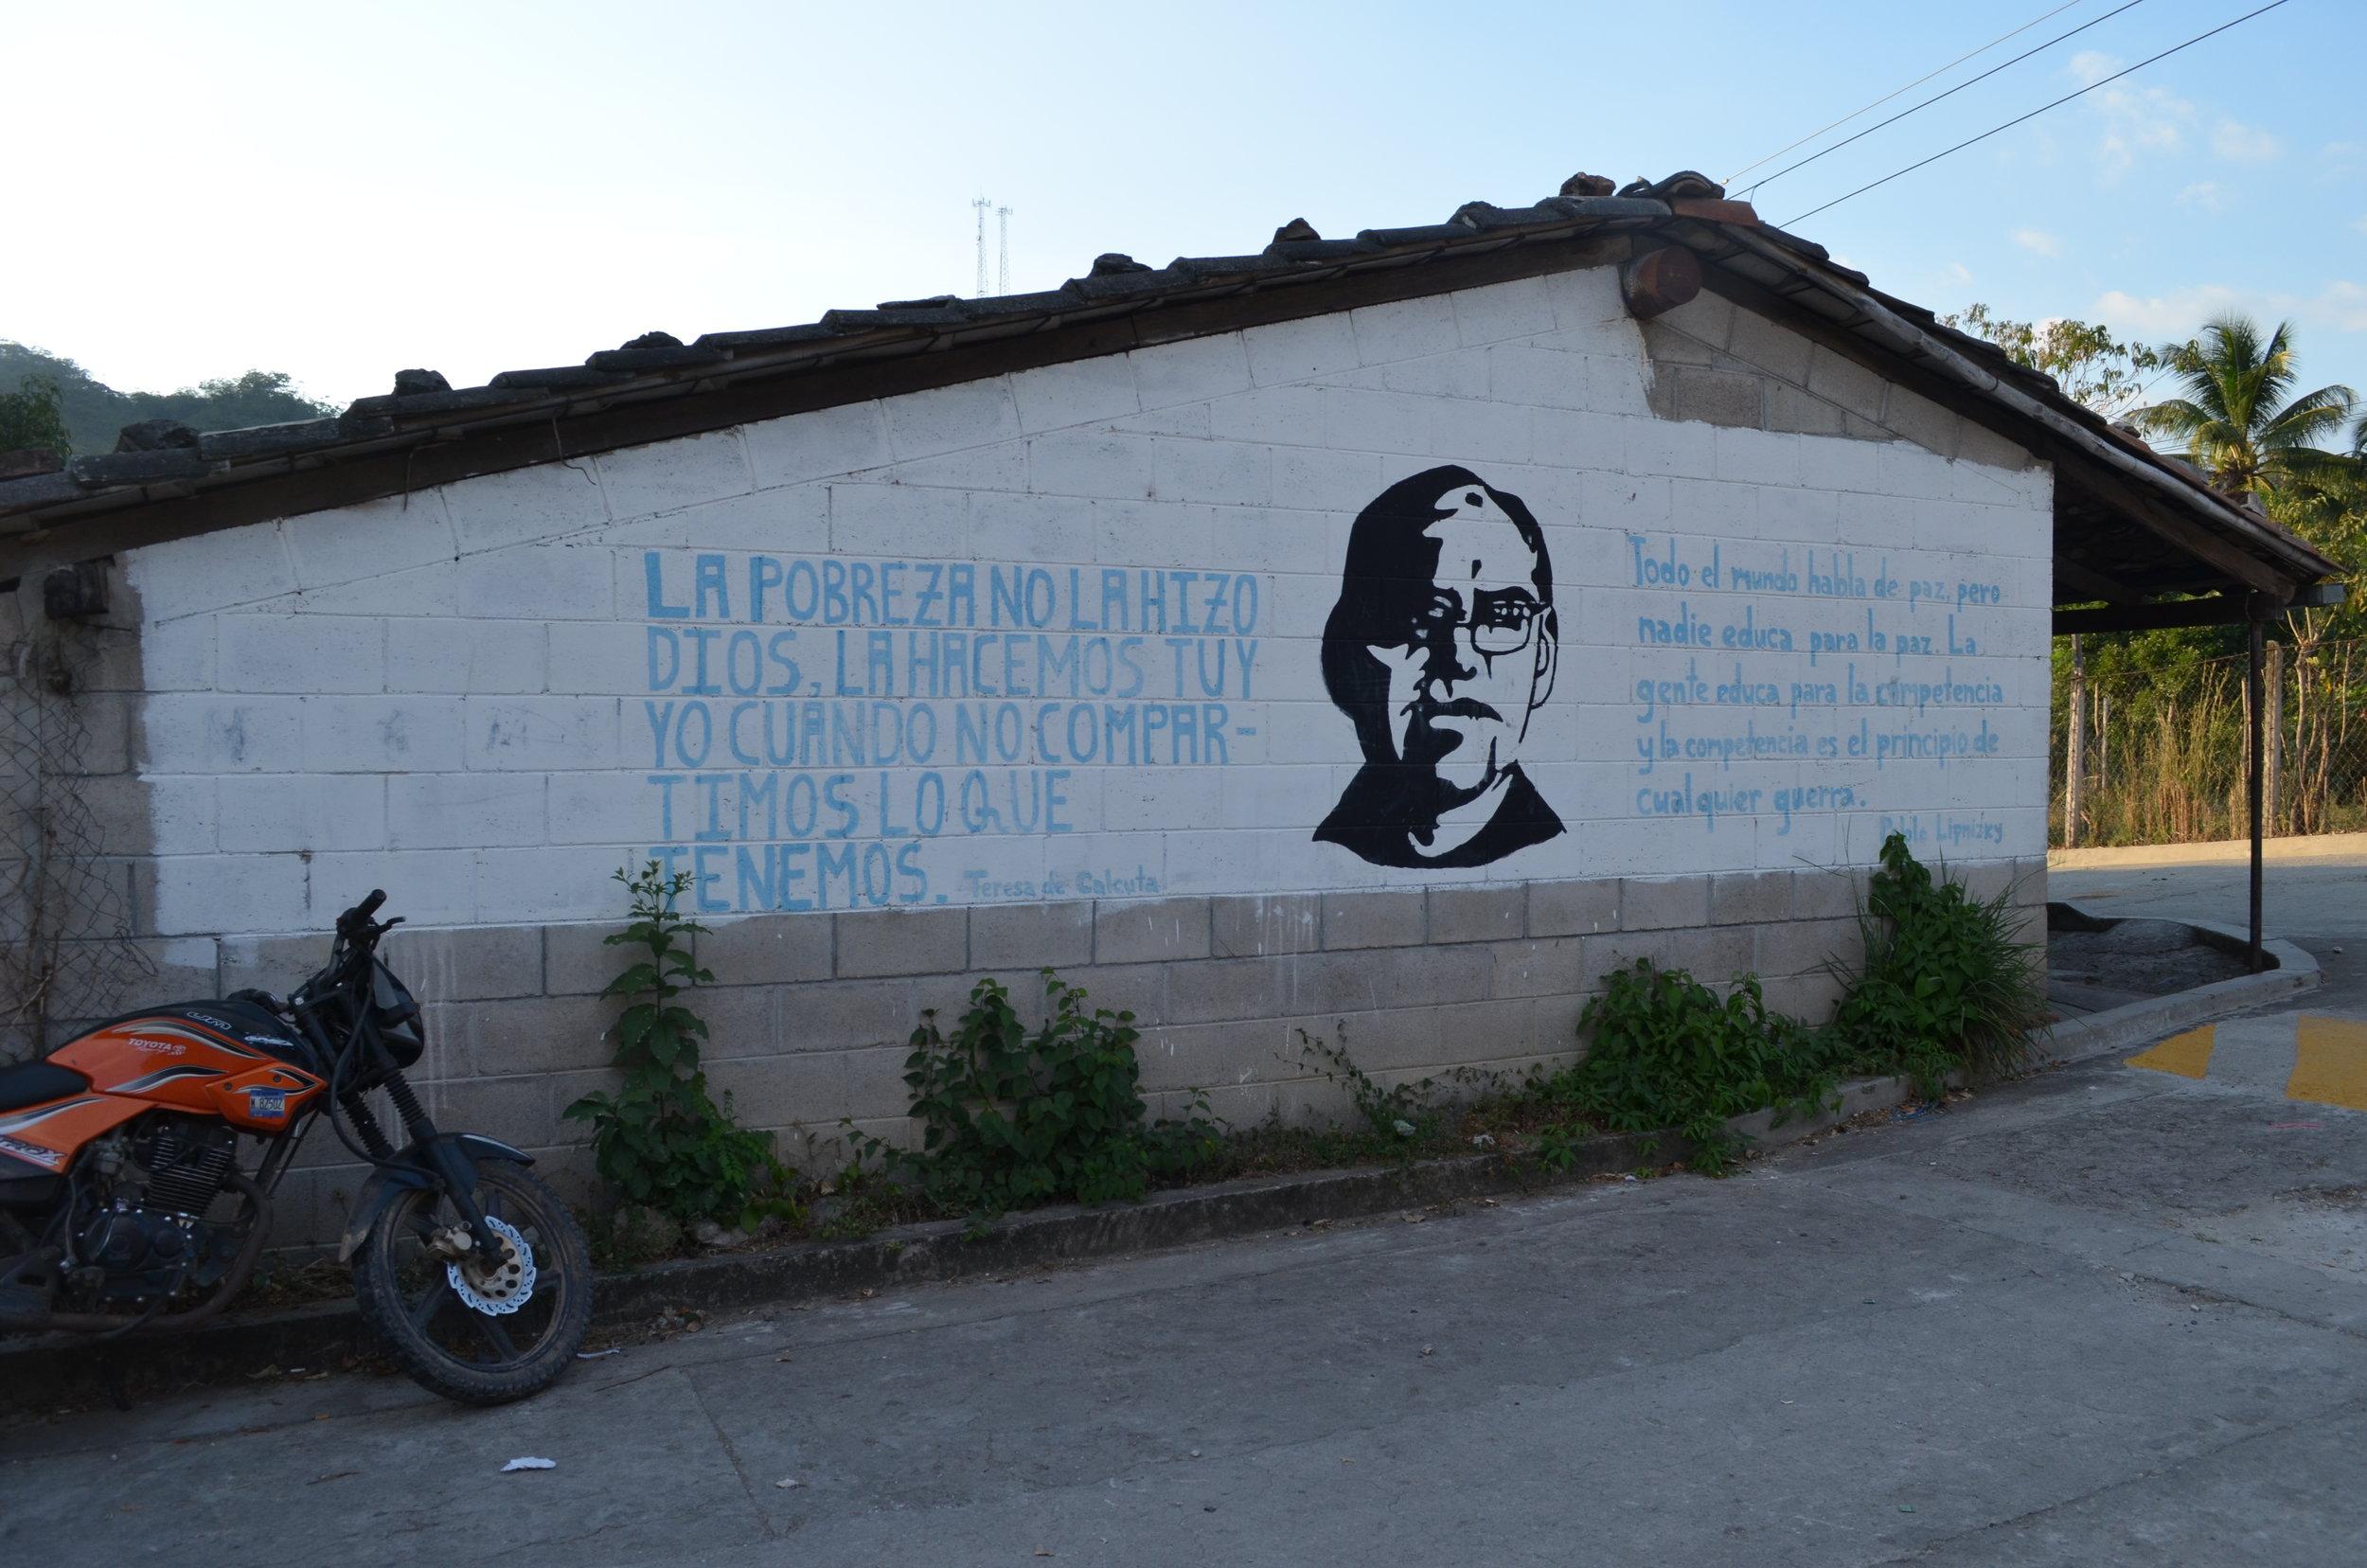 La pobreza no la hizo Dios, la hacemos tu y yo cuando no compartimos lo que tenemos. - Un mural en Arcatao. Foto por Dalton Anthony.